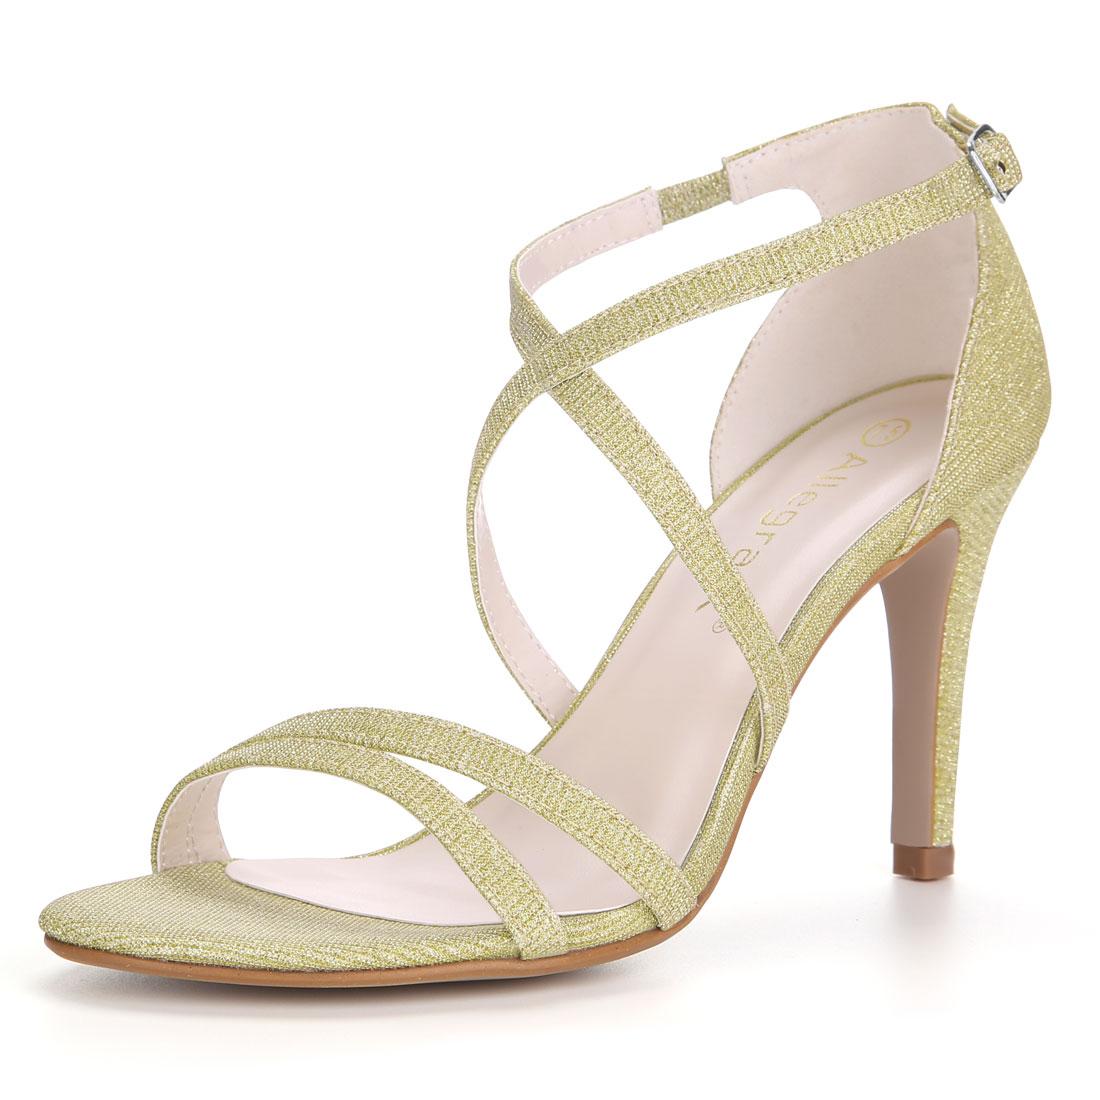 Allegra K Women's Glitter Design Stiletto Heel Strappy Sandals Gold US 10